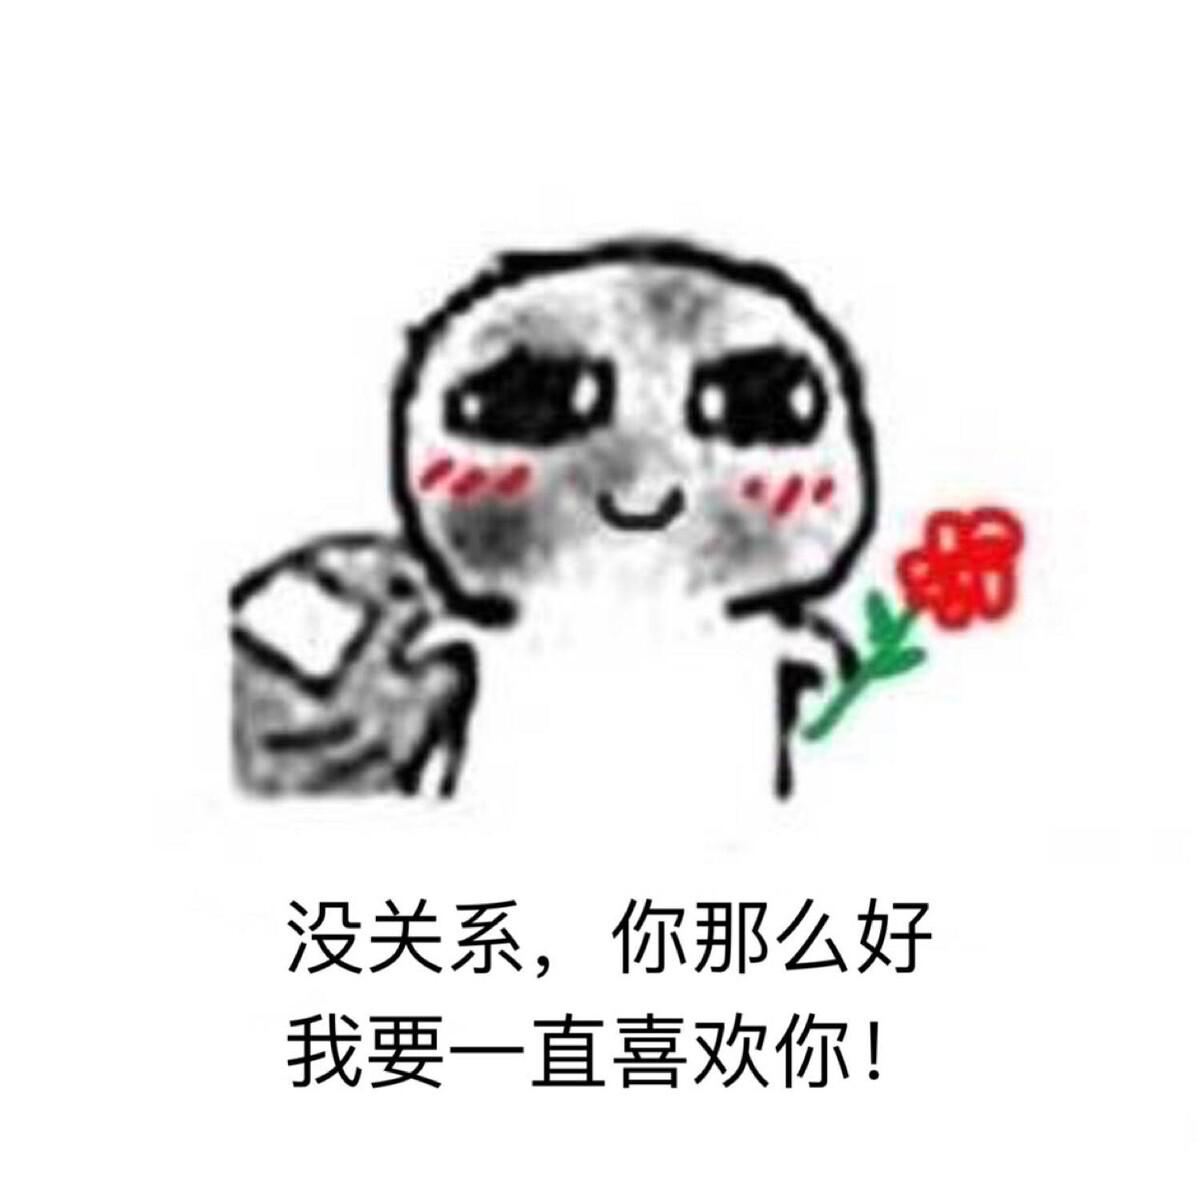 你是不是不爱我了_> 突然都不重要了 br /> 你那么好 br /> 我要一直喜欢你 br /> 即使